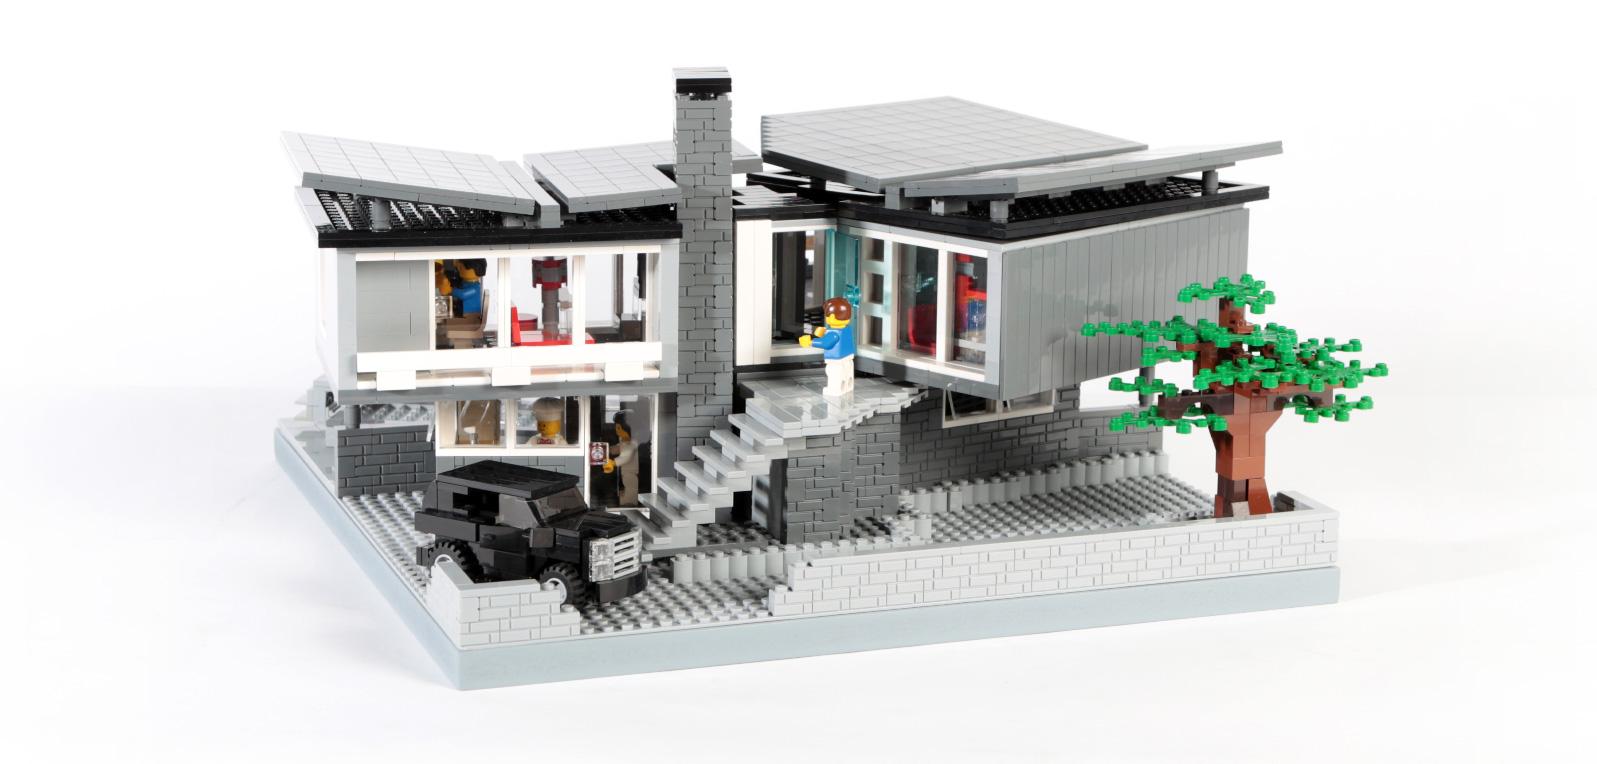 Villa in Tessin (eigene Modelle MOC)